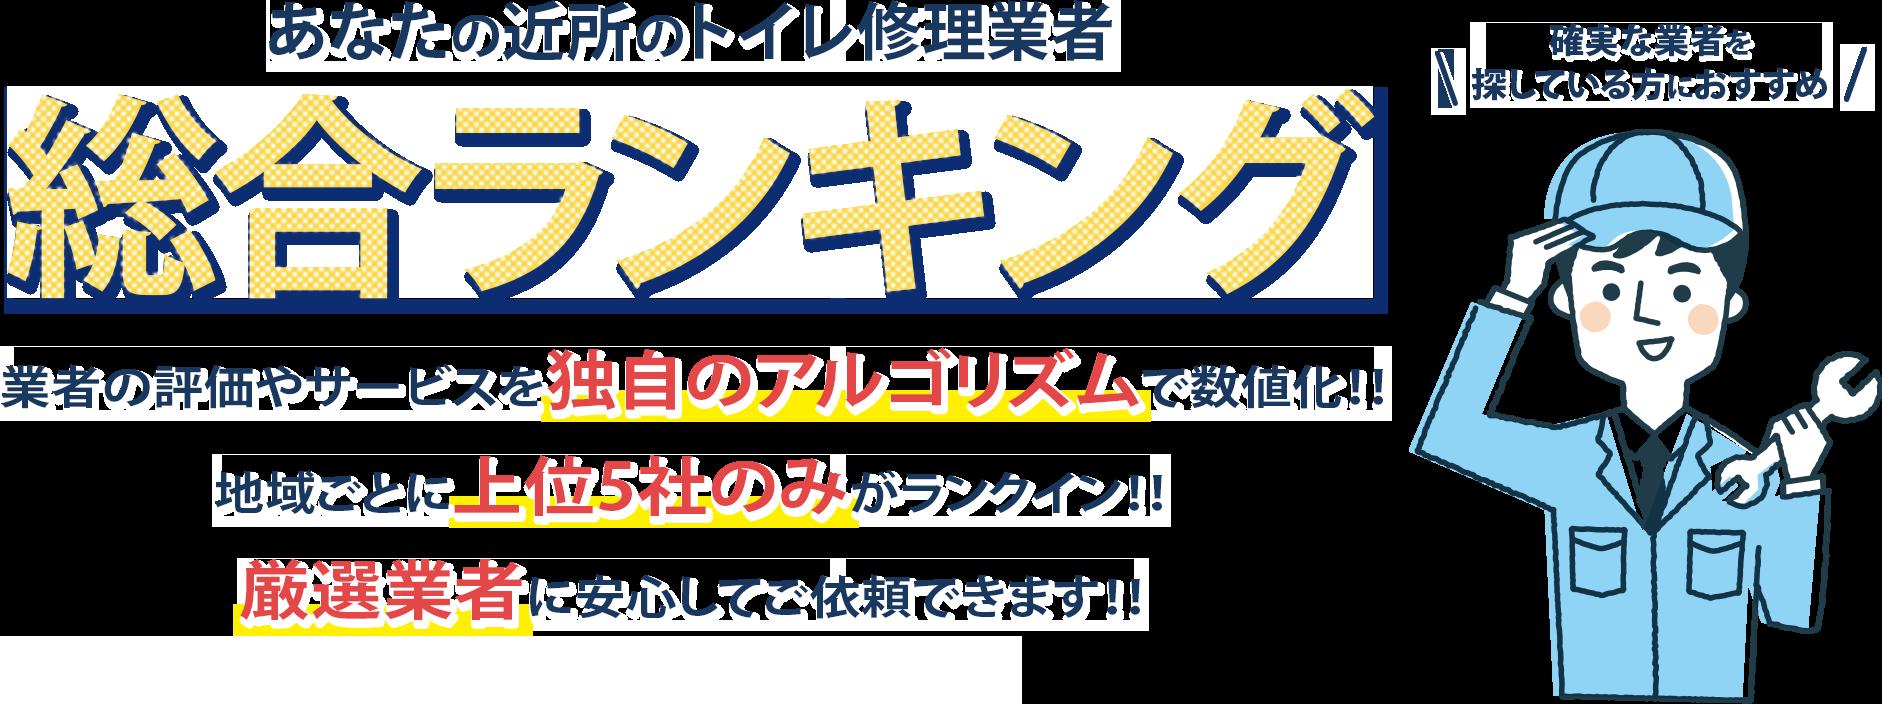 都道府県を選択して各地域のトイレ修理業者のランキングを表示!